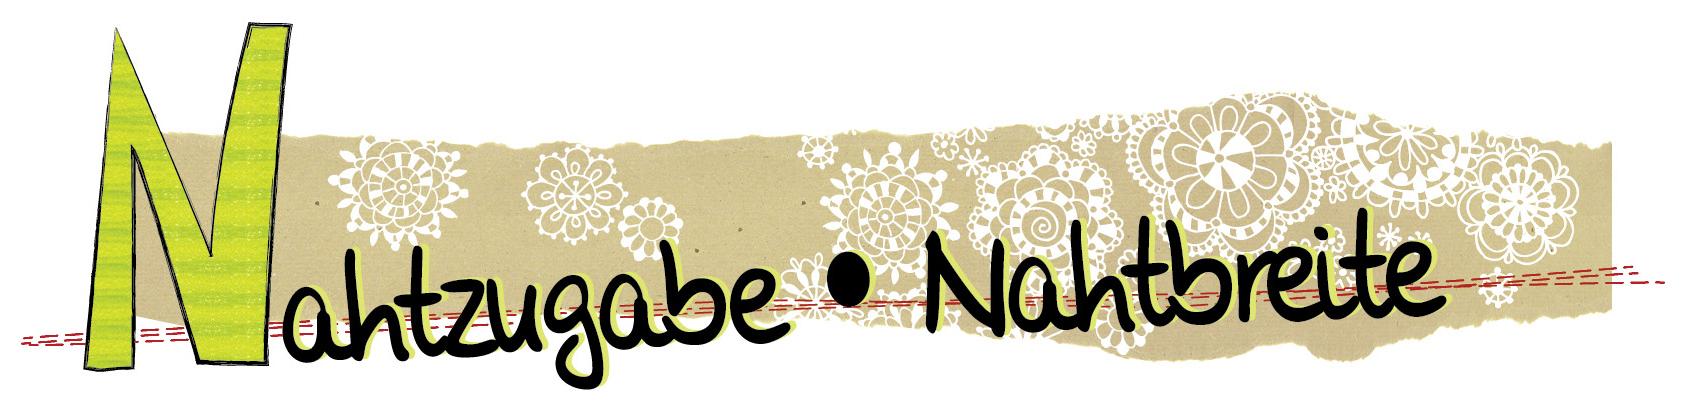 Naehzimmer, Nähzimmer, Nählexikon, Anleitung Nähen, Nähtipps, gratis, kostenlos, Nahzugabe, Nahtbreite